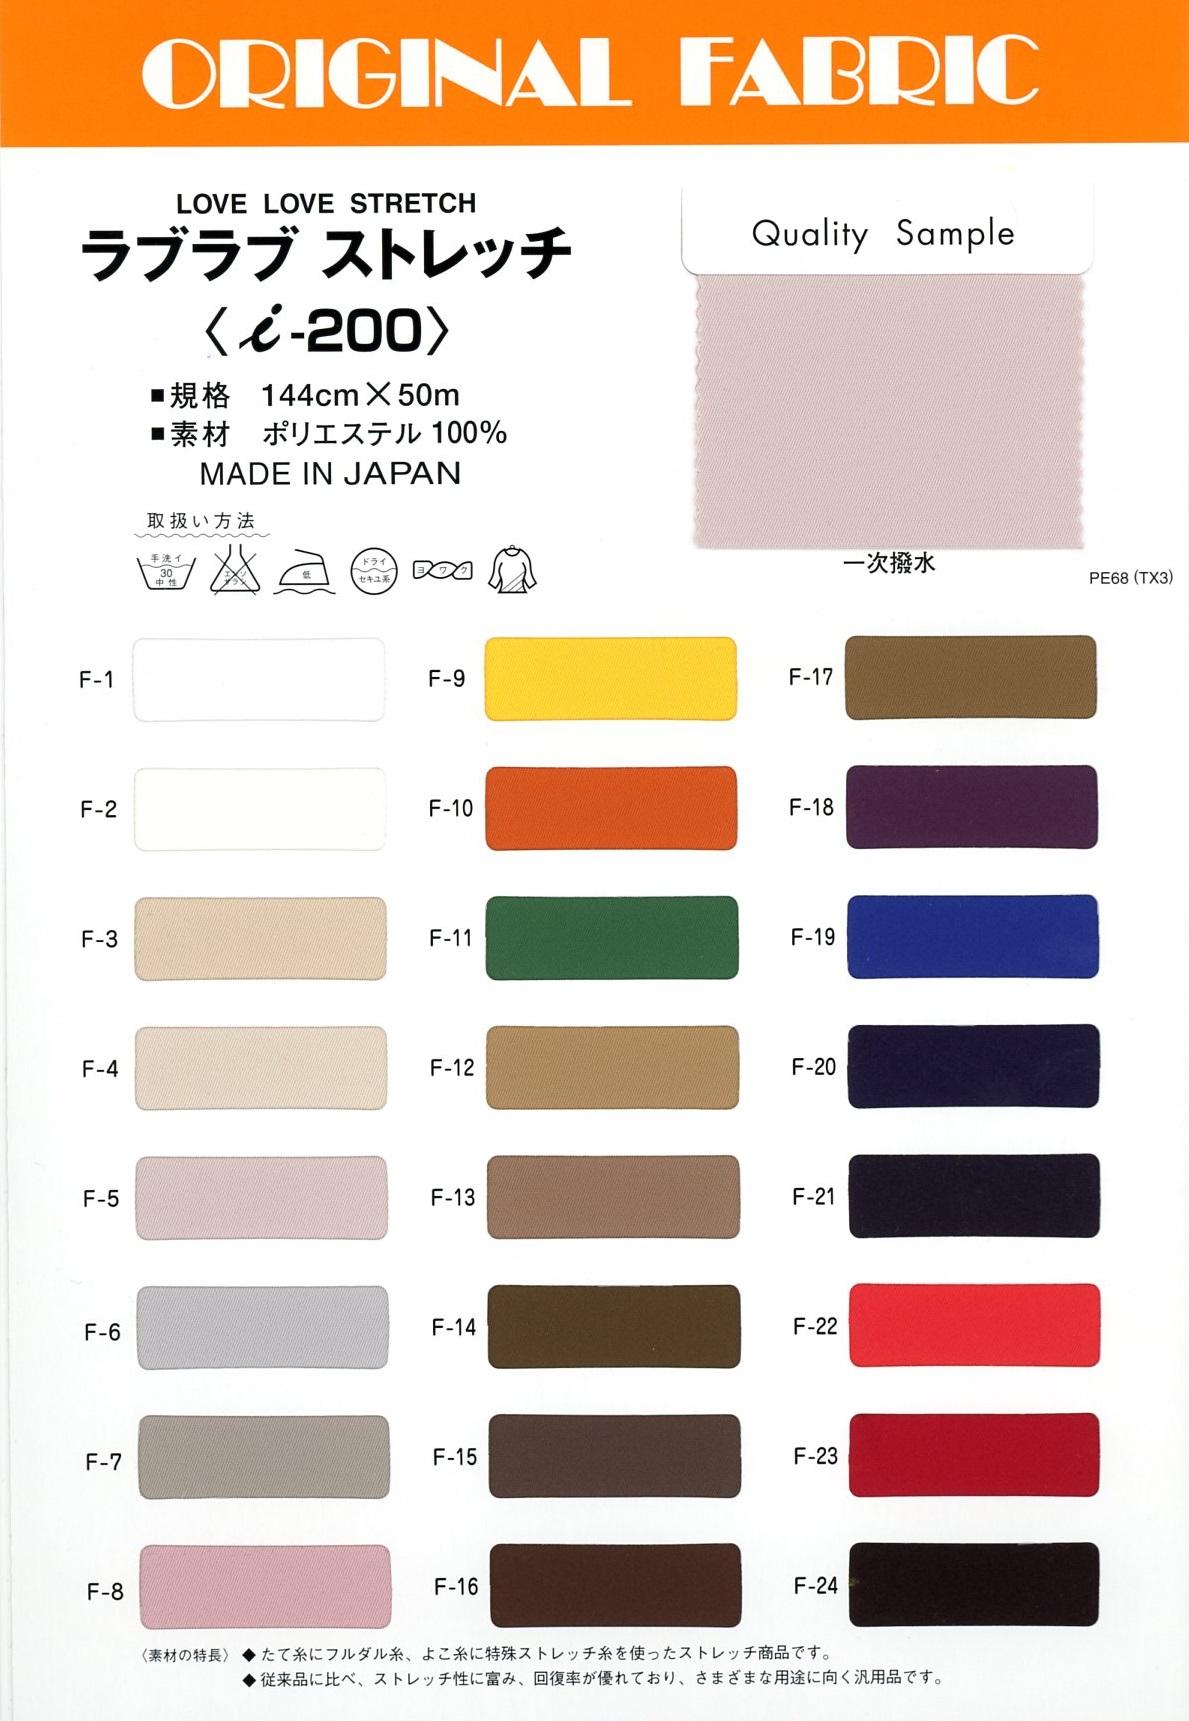 I-200 ラブラブ ストレッチ[生地] Masuda(マスダ)/オークラ商事 - ApparelX アパレル資材卸通販